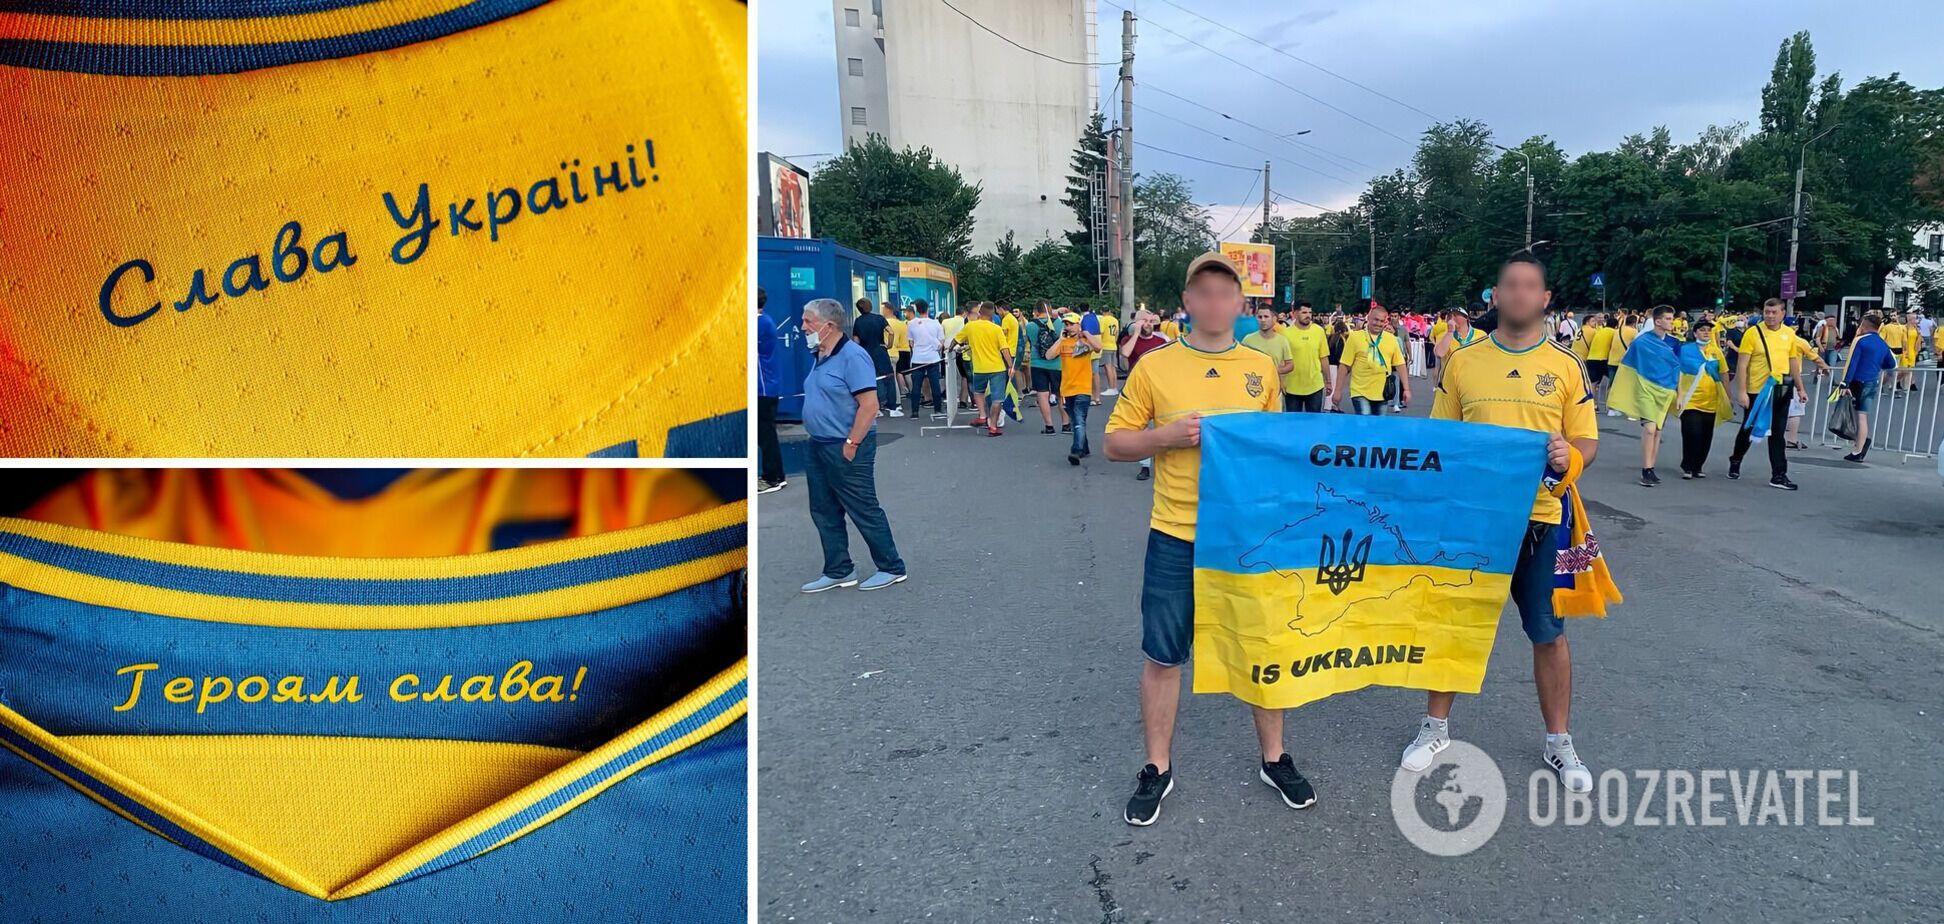 Украинцев заставили пройти на стадион в Бухаресте без карты Крыма